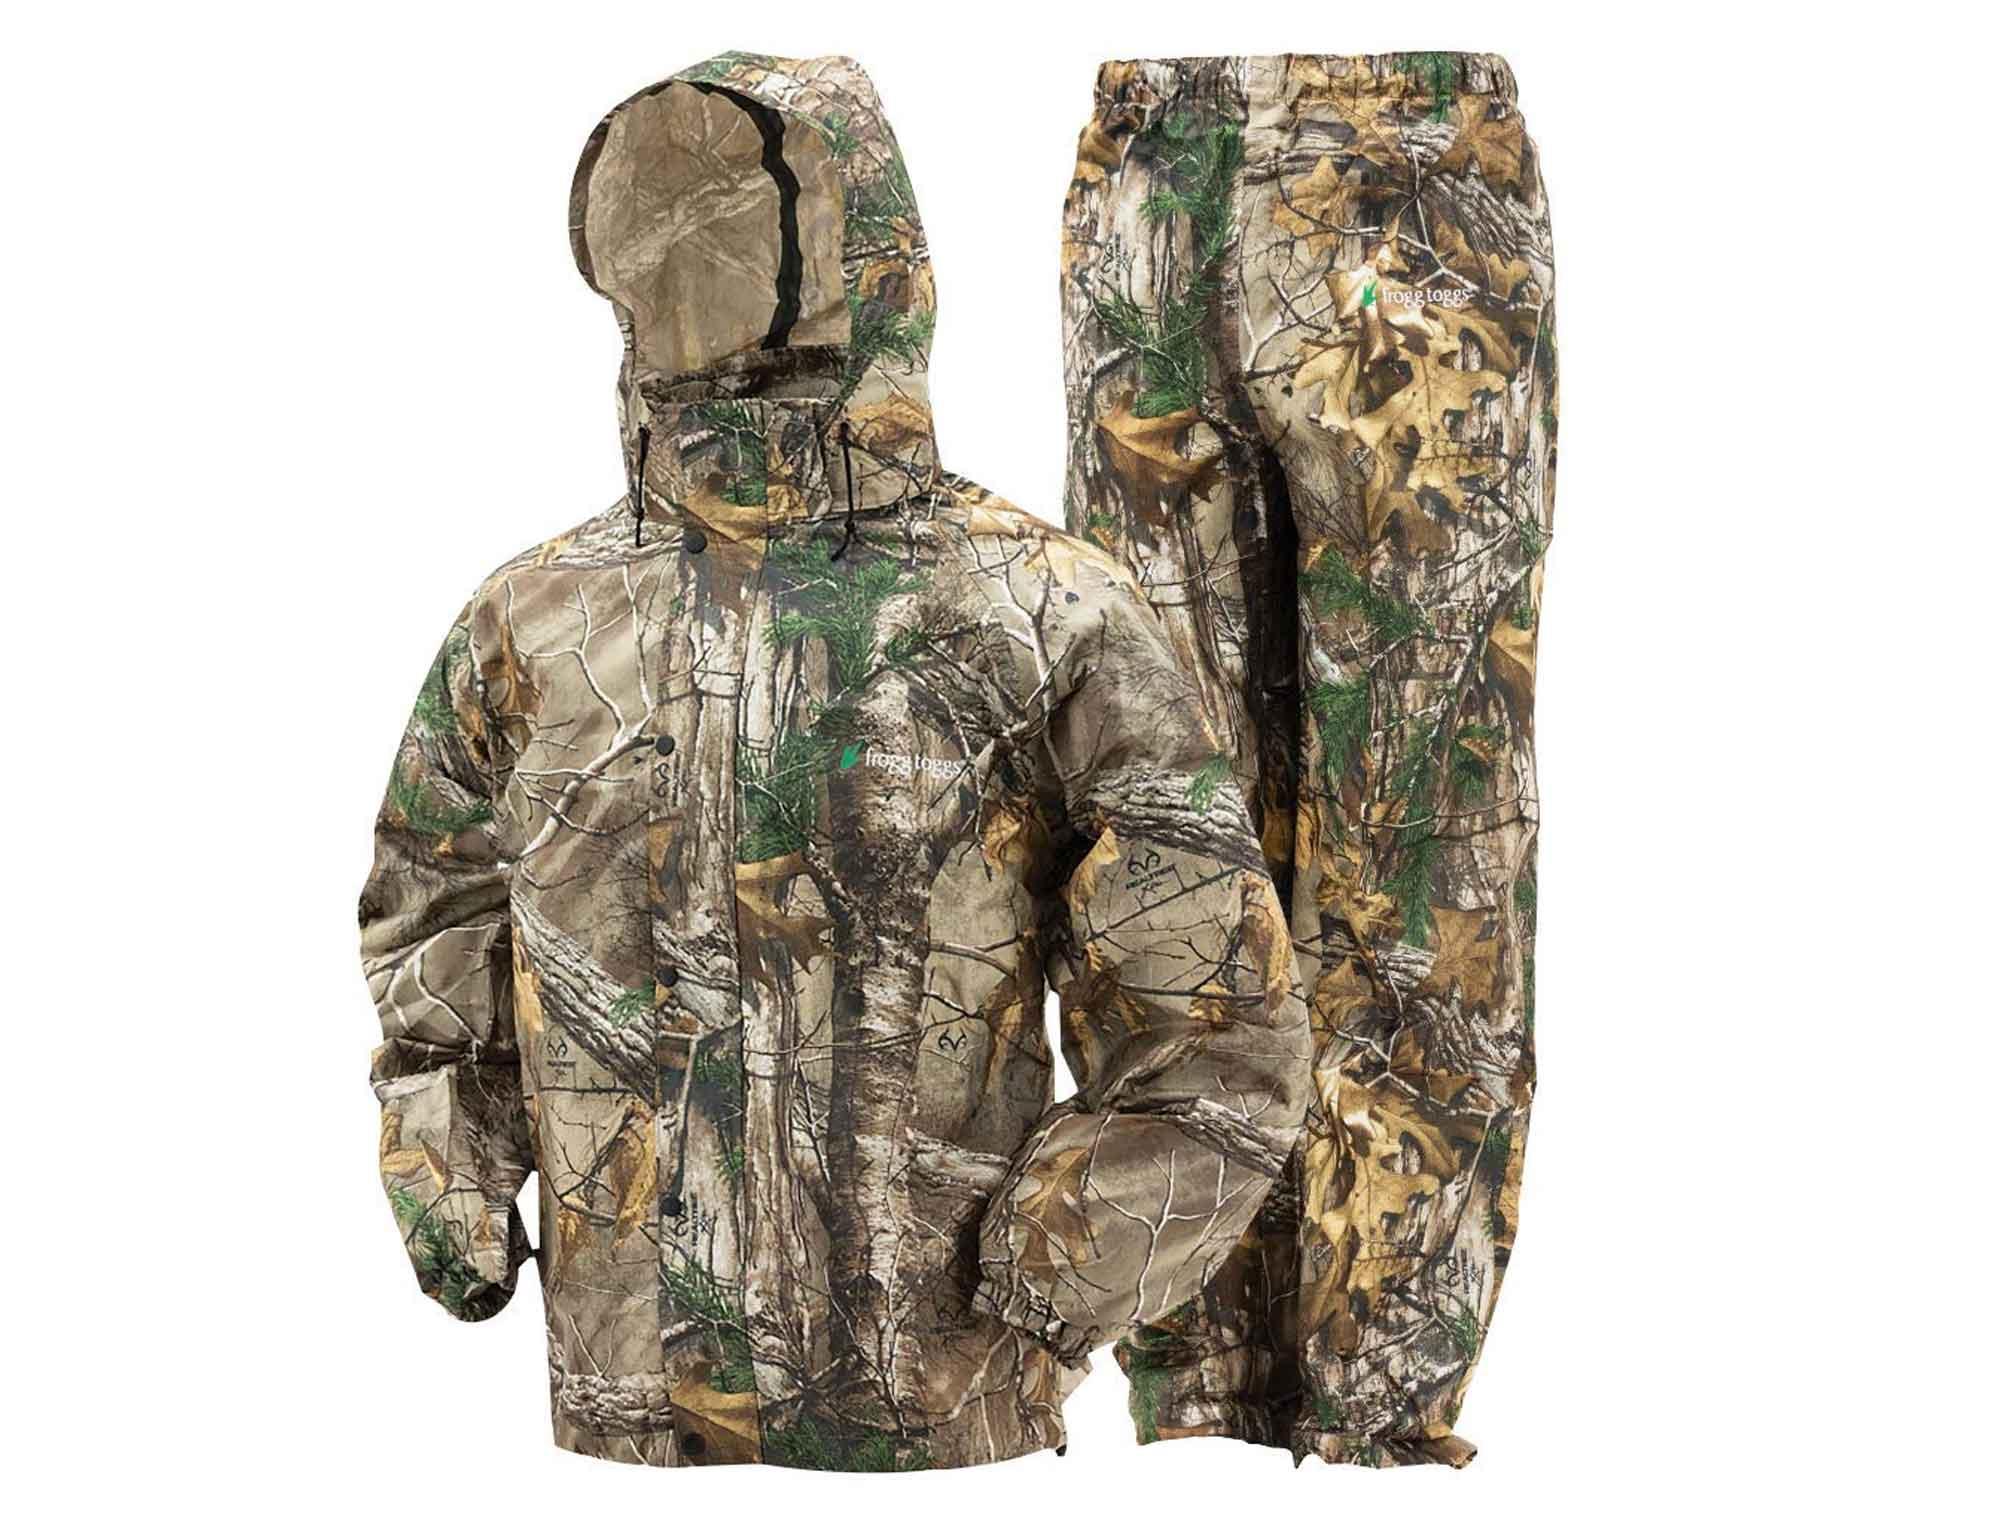 Camouflage rain suit